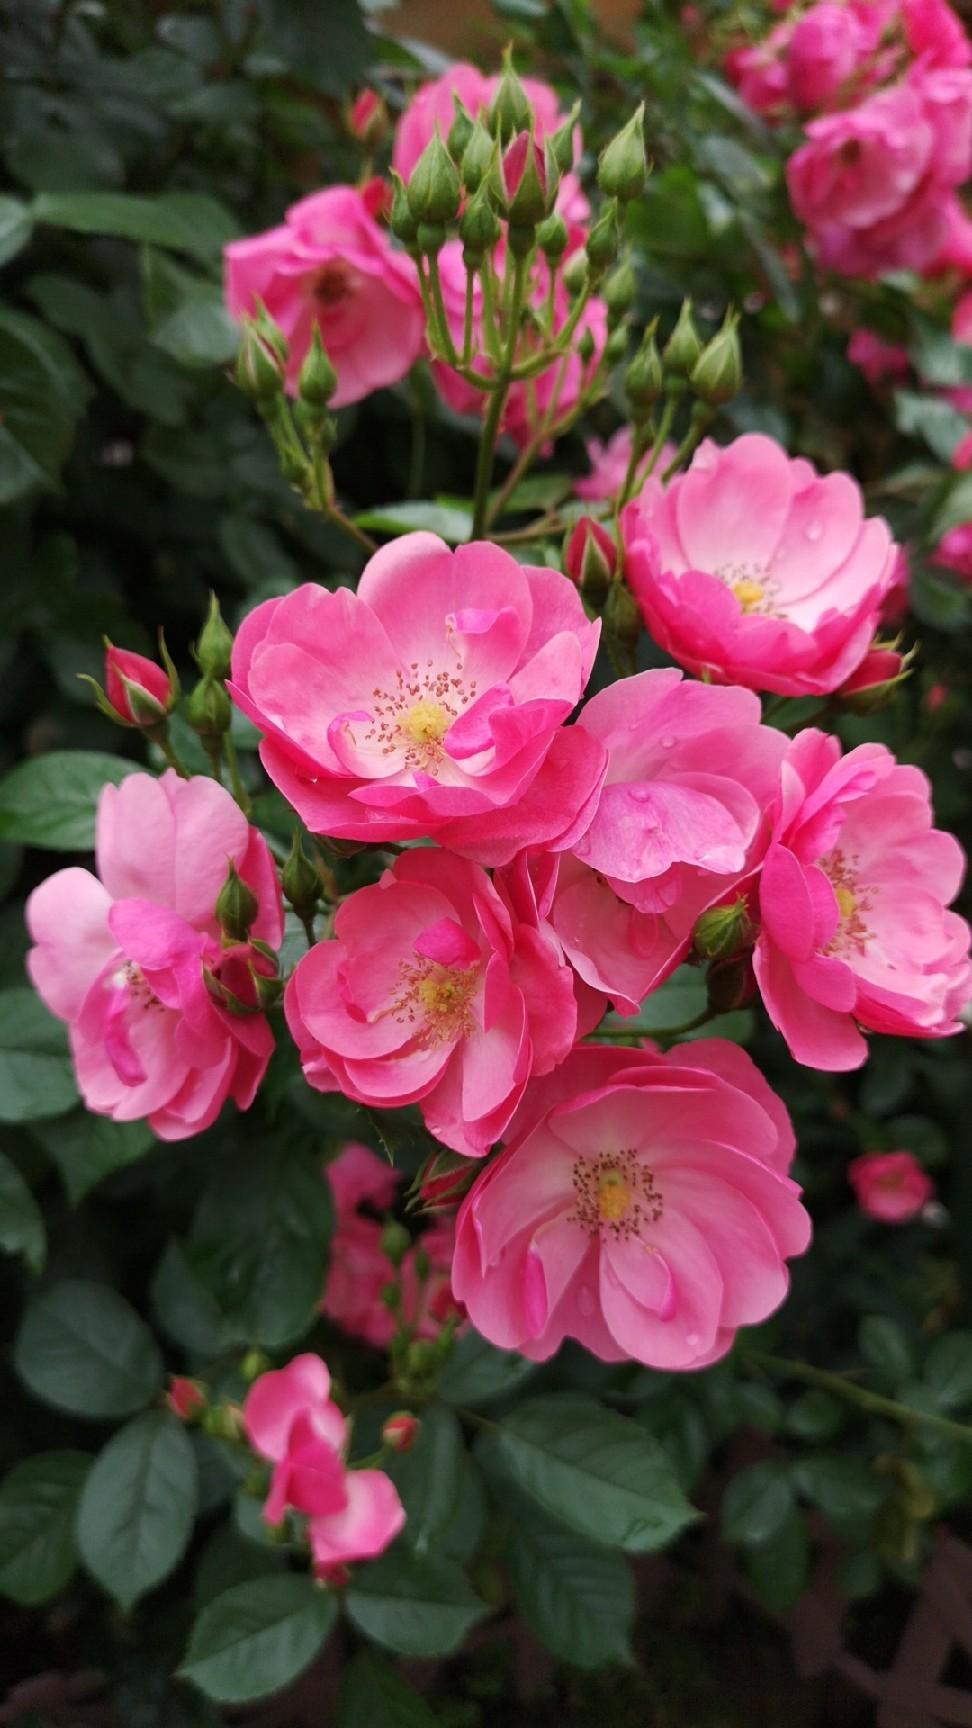 庭の薔薇の香を楽しむゆず隊長_d0211229_23470707.jpg